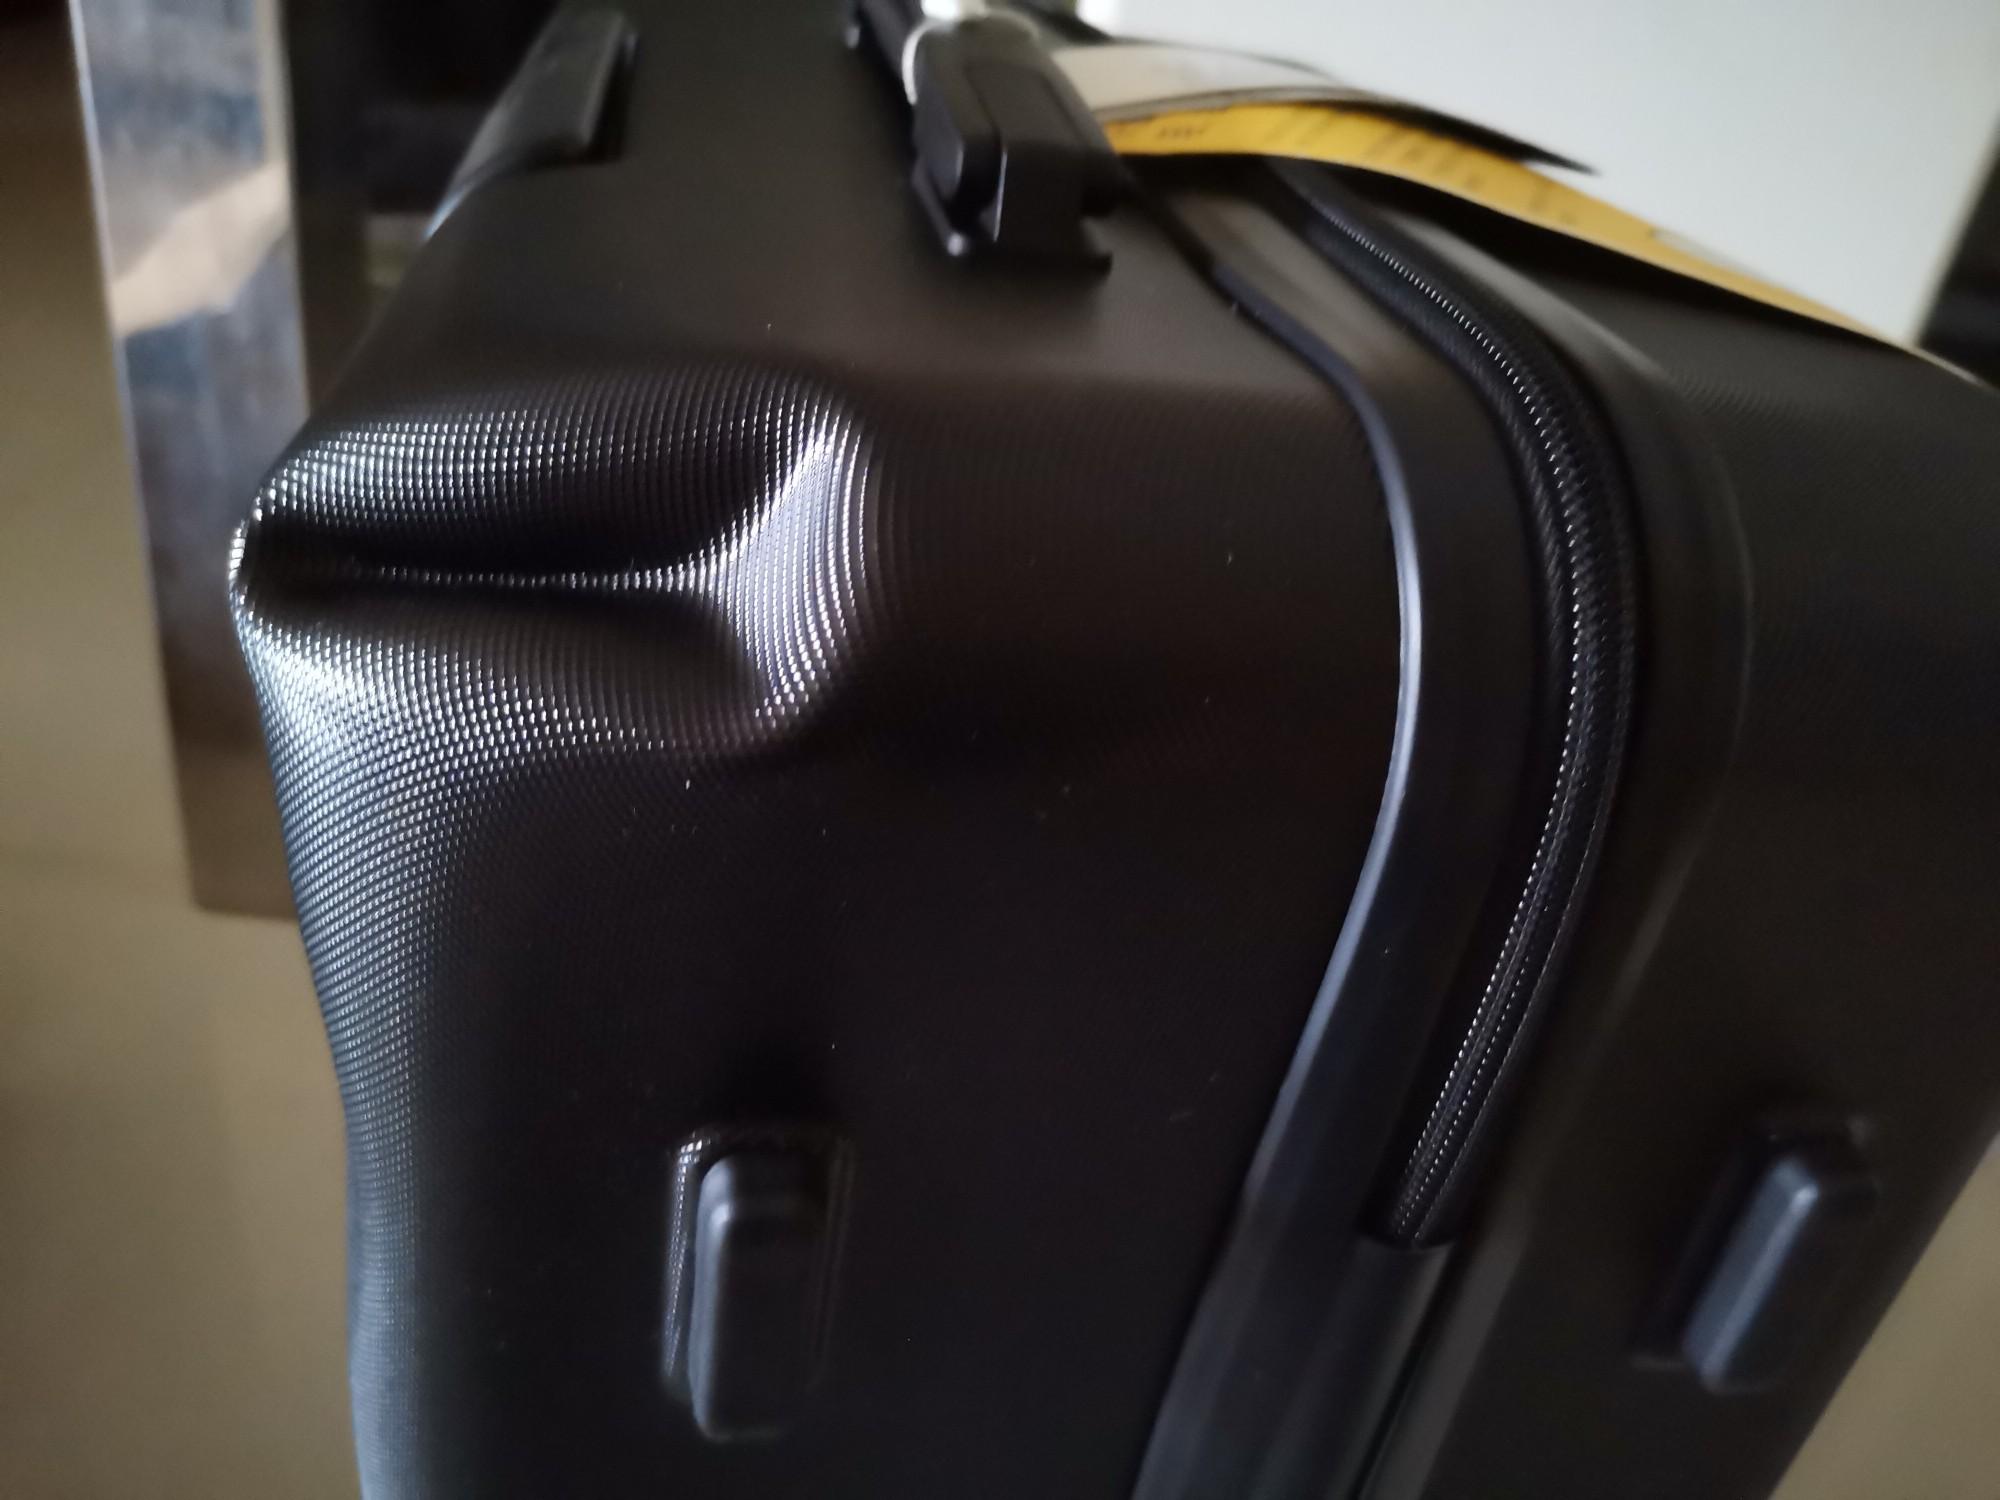 不莱玫拉杆箱质量怎么样?不莱玫行李箱怎么样?有没有人买过?